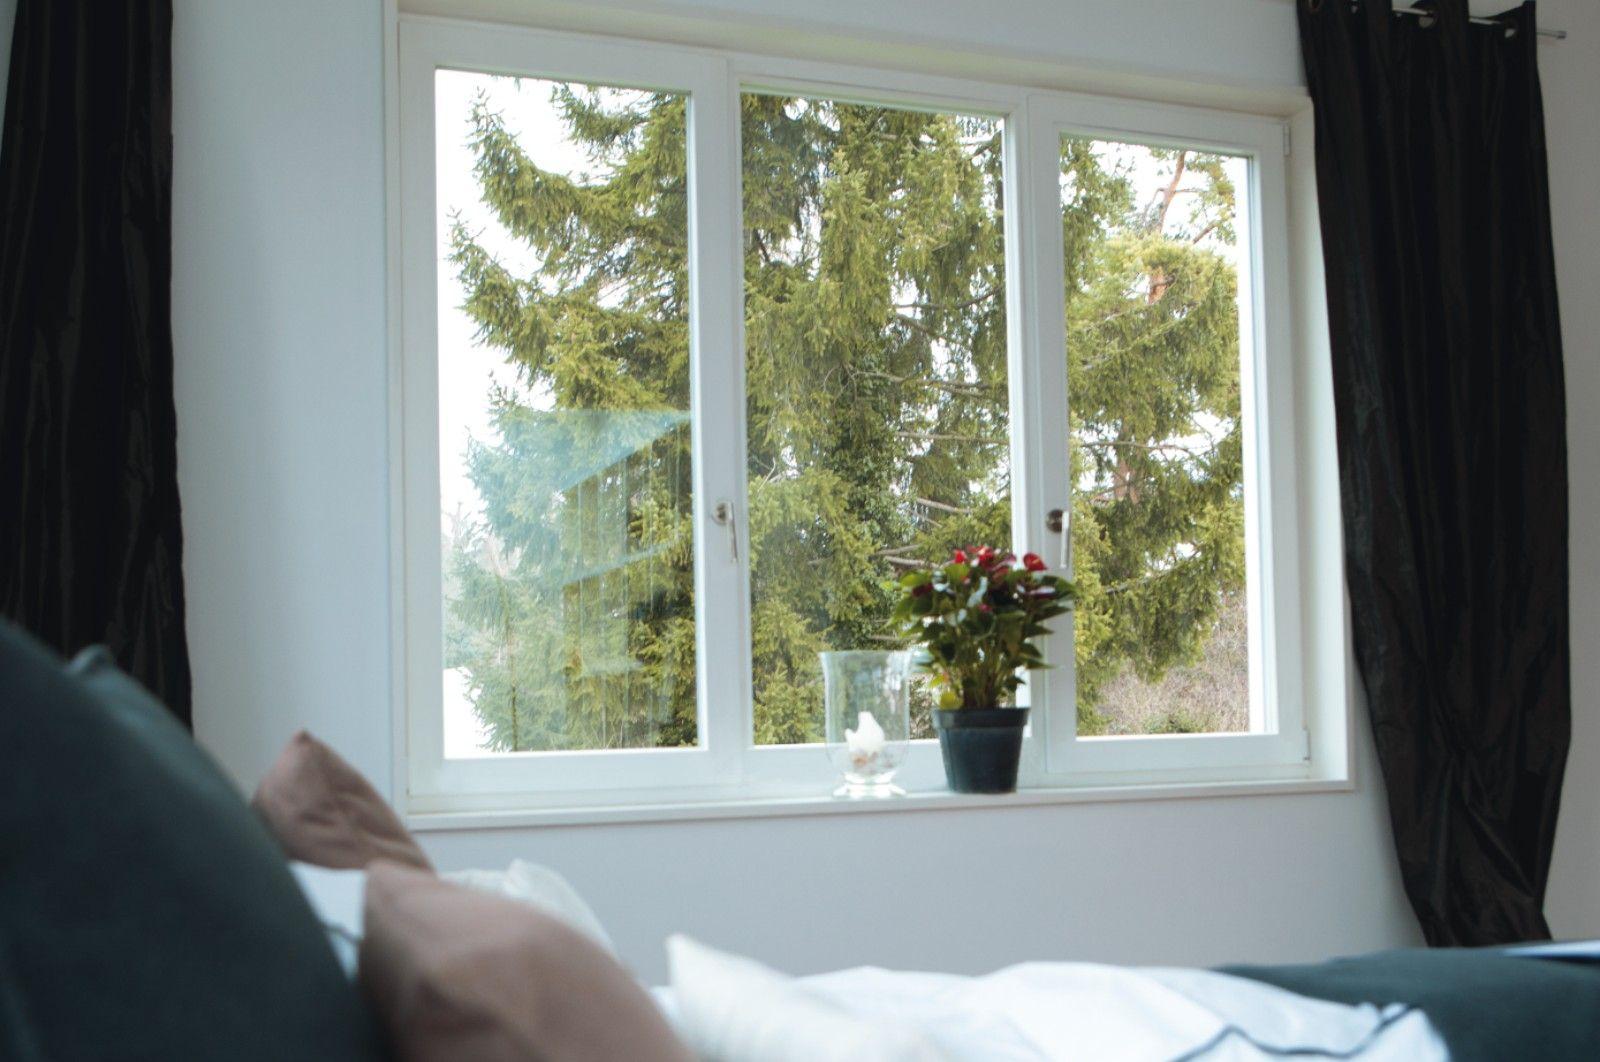 Full Size of Fenster Rolladen Nachträglich Einbauen Sichtschutzfolie Austauschen Velux Dachschräge Holz Alu Preise Türen Trocal Meeth Einbruchschutz Nachrüsten Trier Fenster Weru Fenster